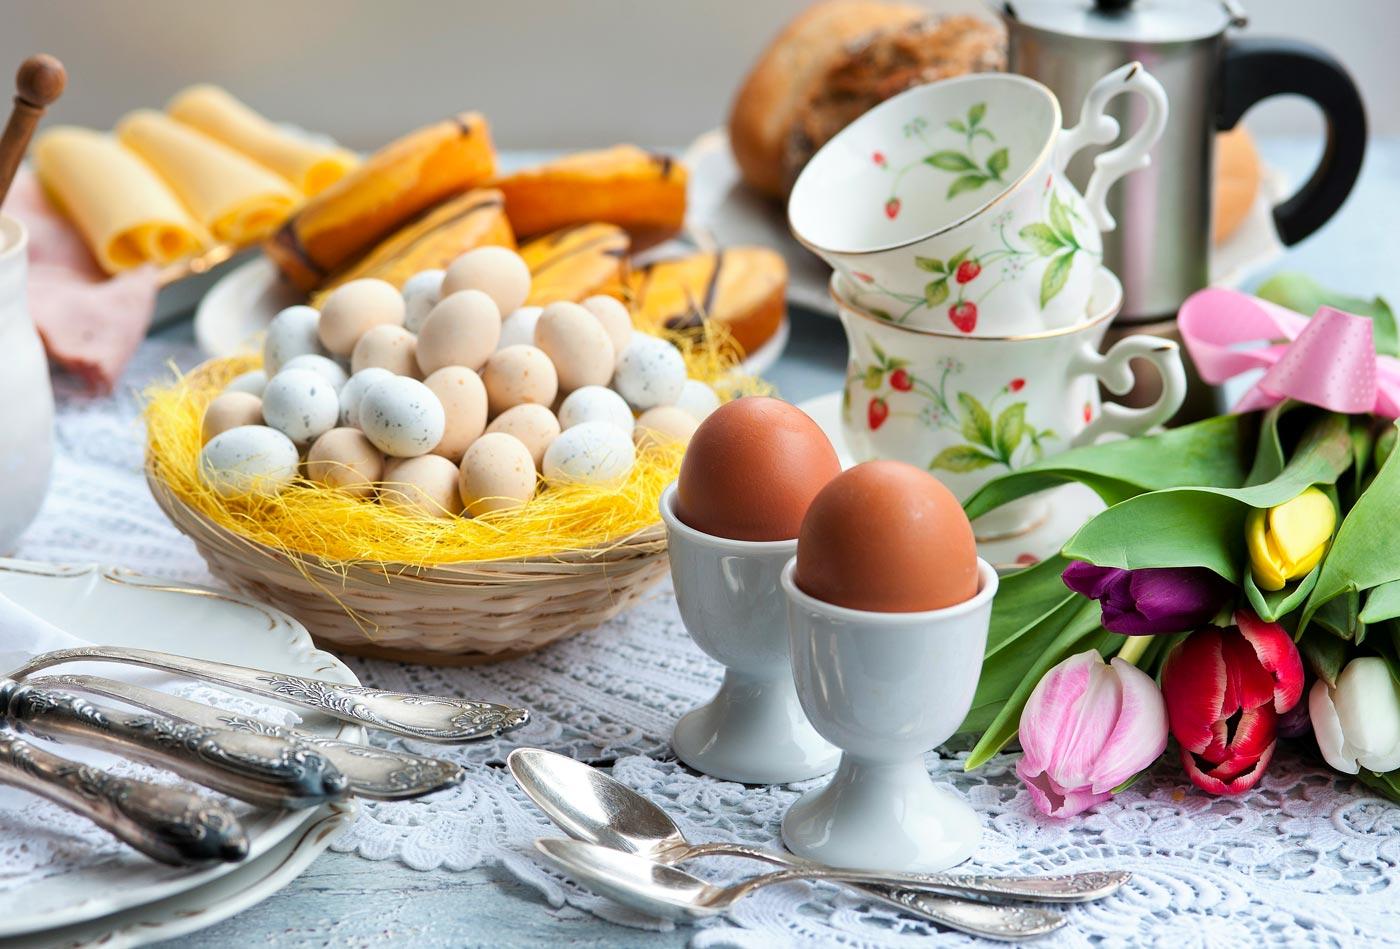 Come apparecchiare la tavola per il Pranzo di Pasqua 2015 ...